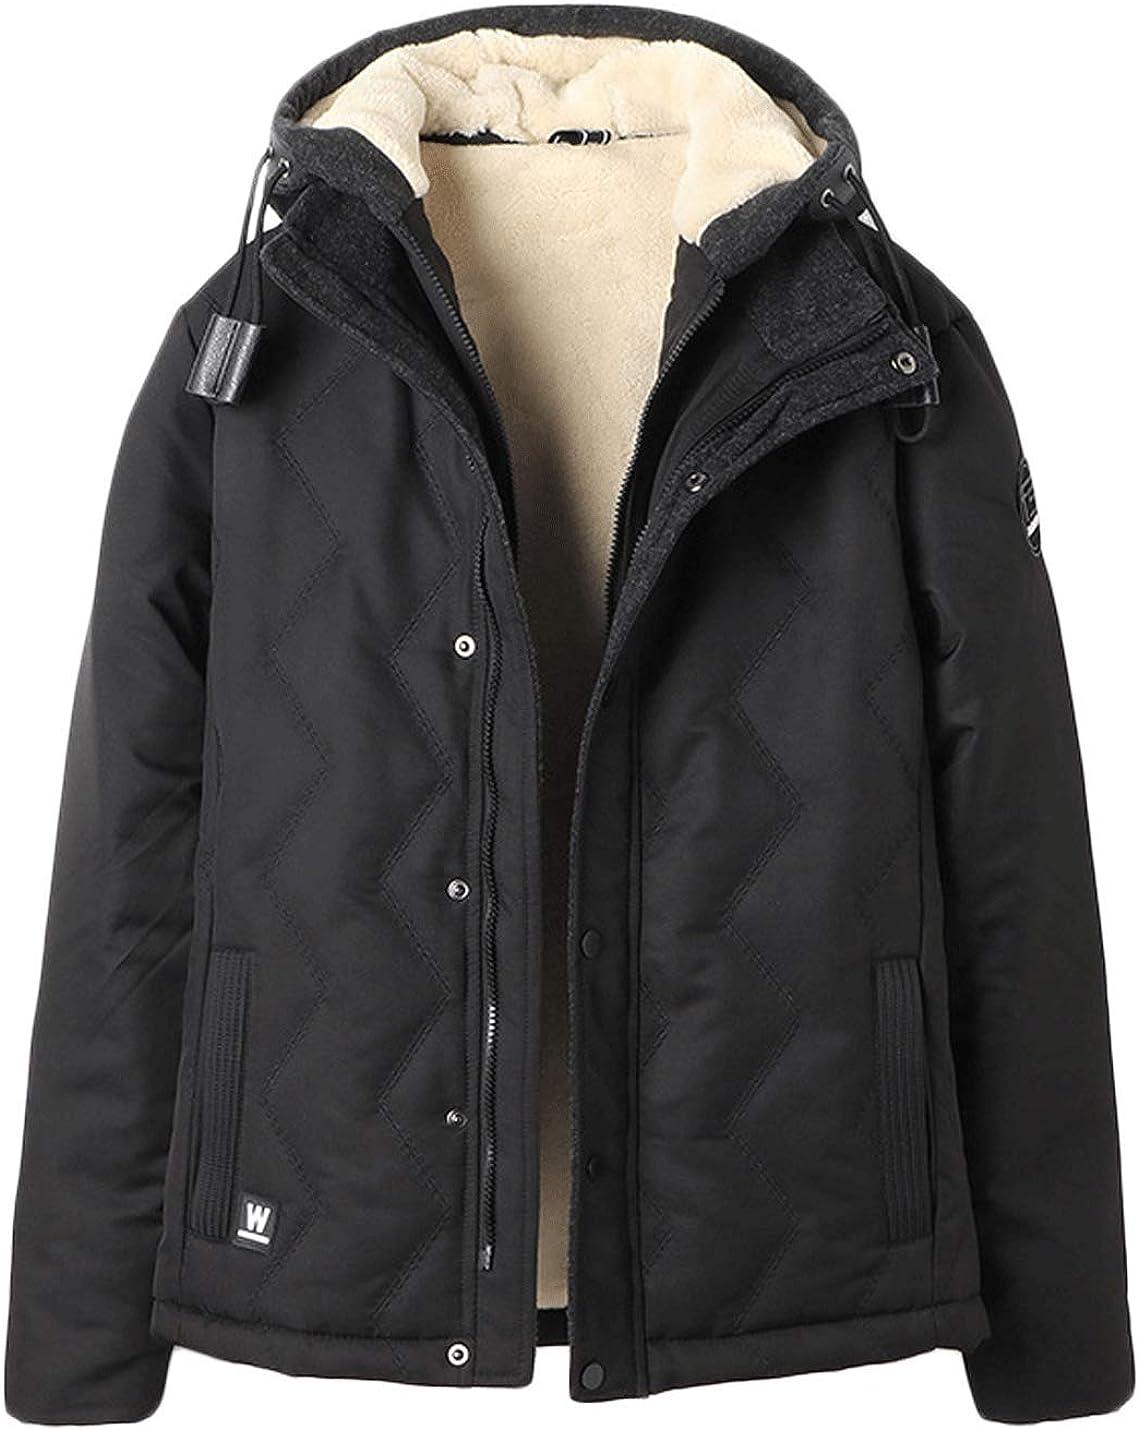 Jenkoon Men's Winter Warm Hooded Thickened Coat Faux Fur Lined Windbreaker